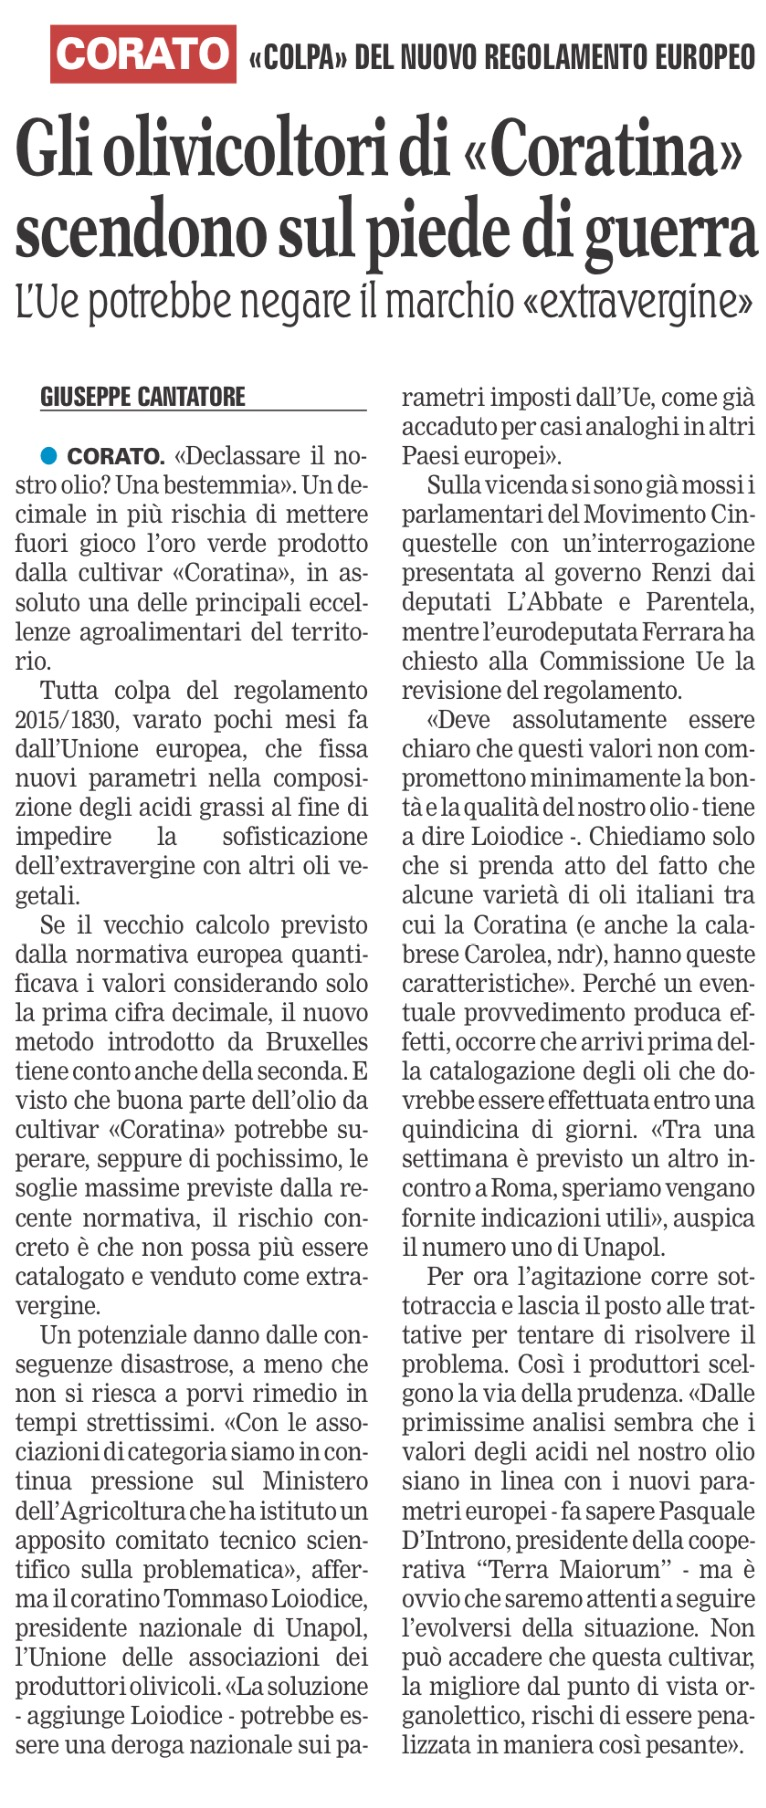 La Gazzetta del Mezzogiorno - 02.05.2016